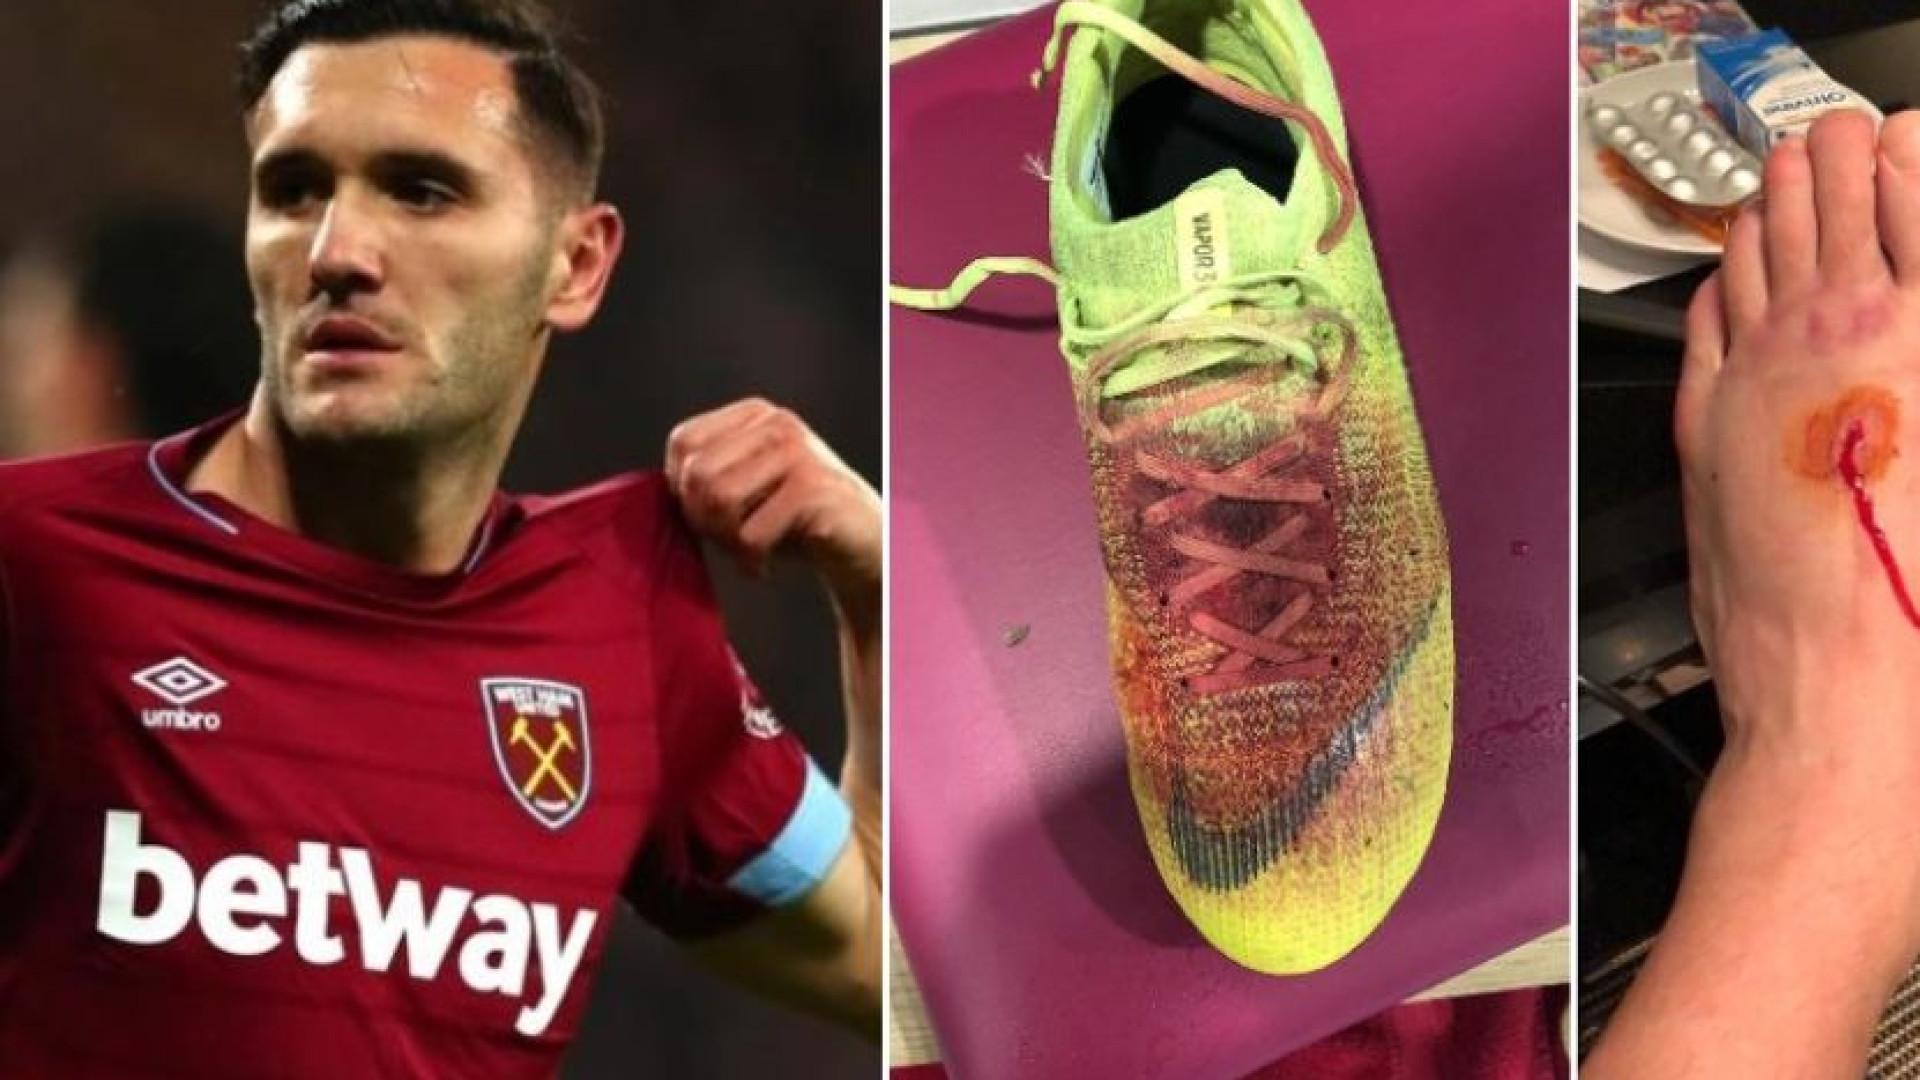 A arrepiante imagem do pé de Lucas Pérez após o jogo com o Palace